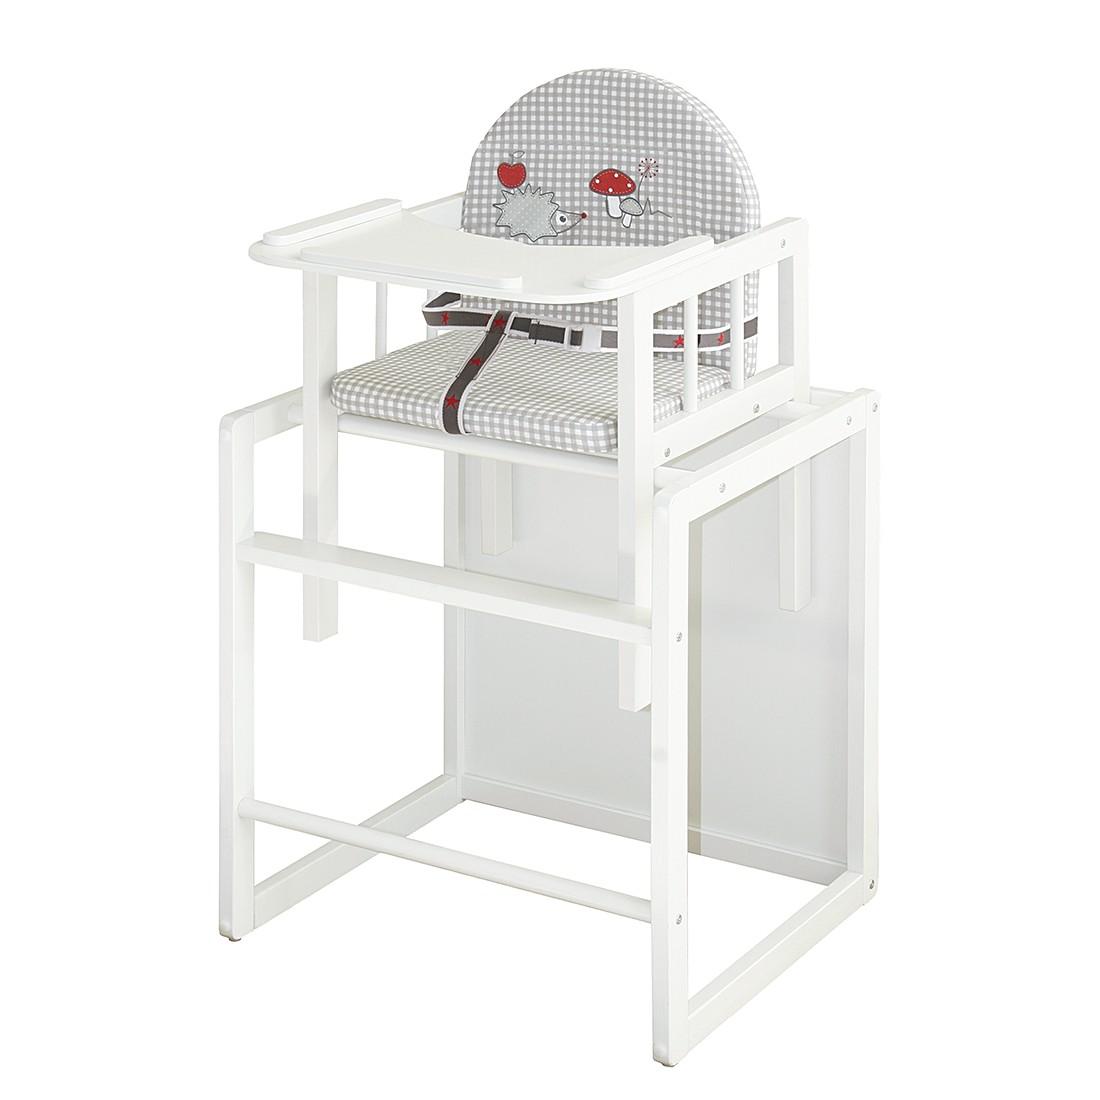 Home 24 - Chaise haute combinée adam & hiboux - blanc / gris, roba